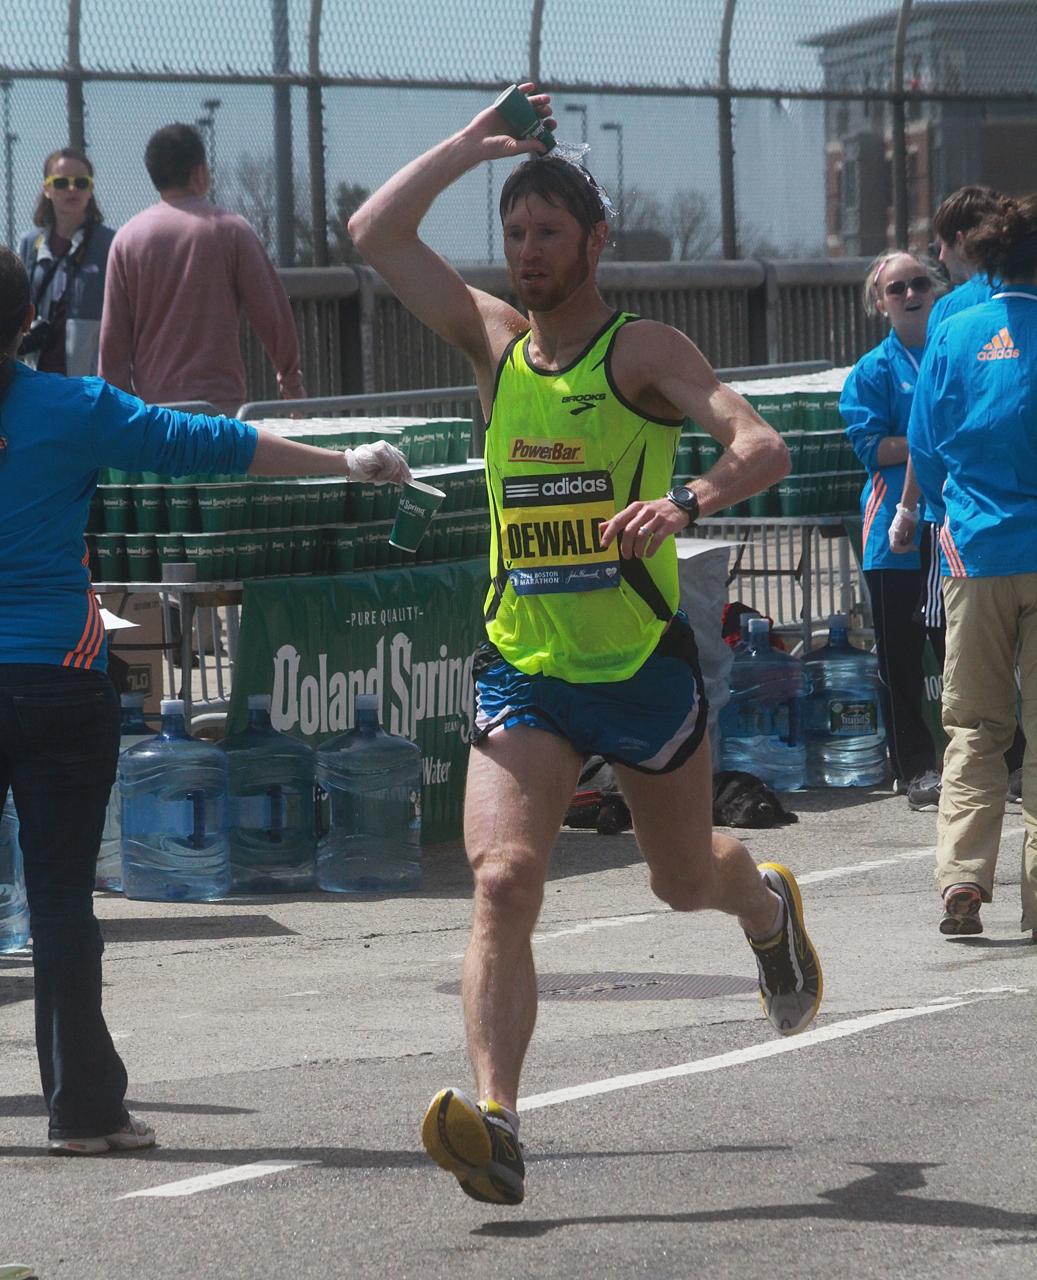 boston marathon april 21 beacon street elite runners dewald 2